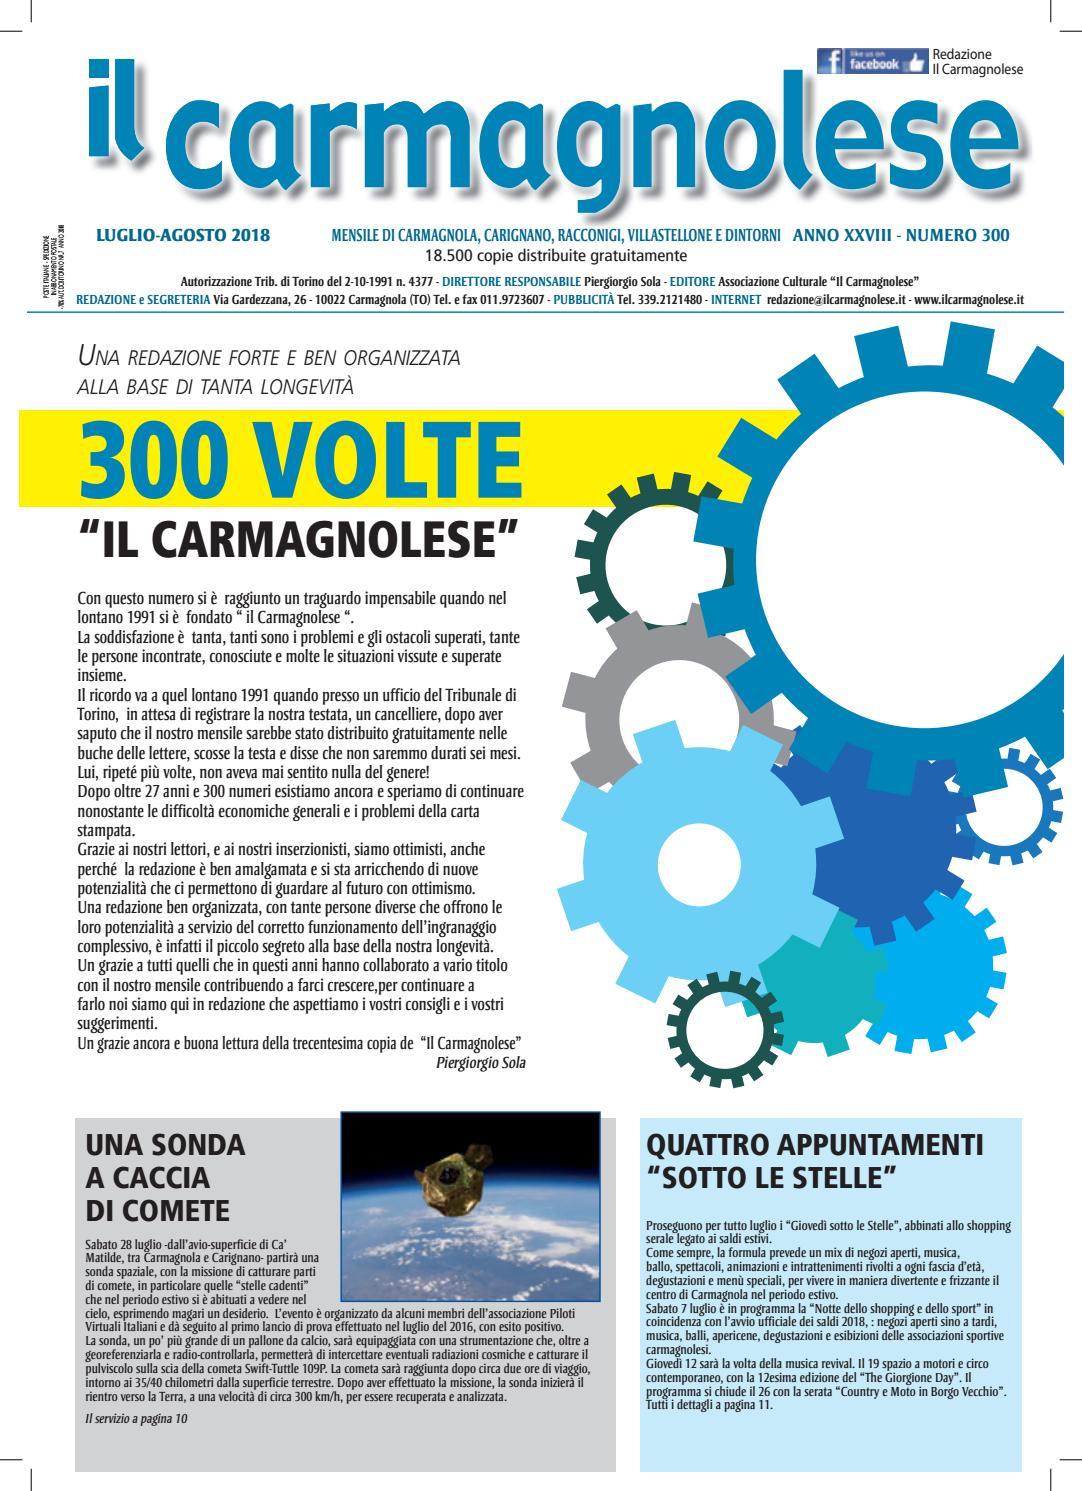 Il Carmagnolese LuglioAgosto 2018 by Redazione Il